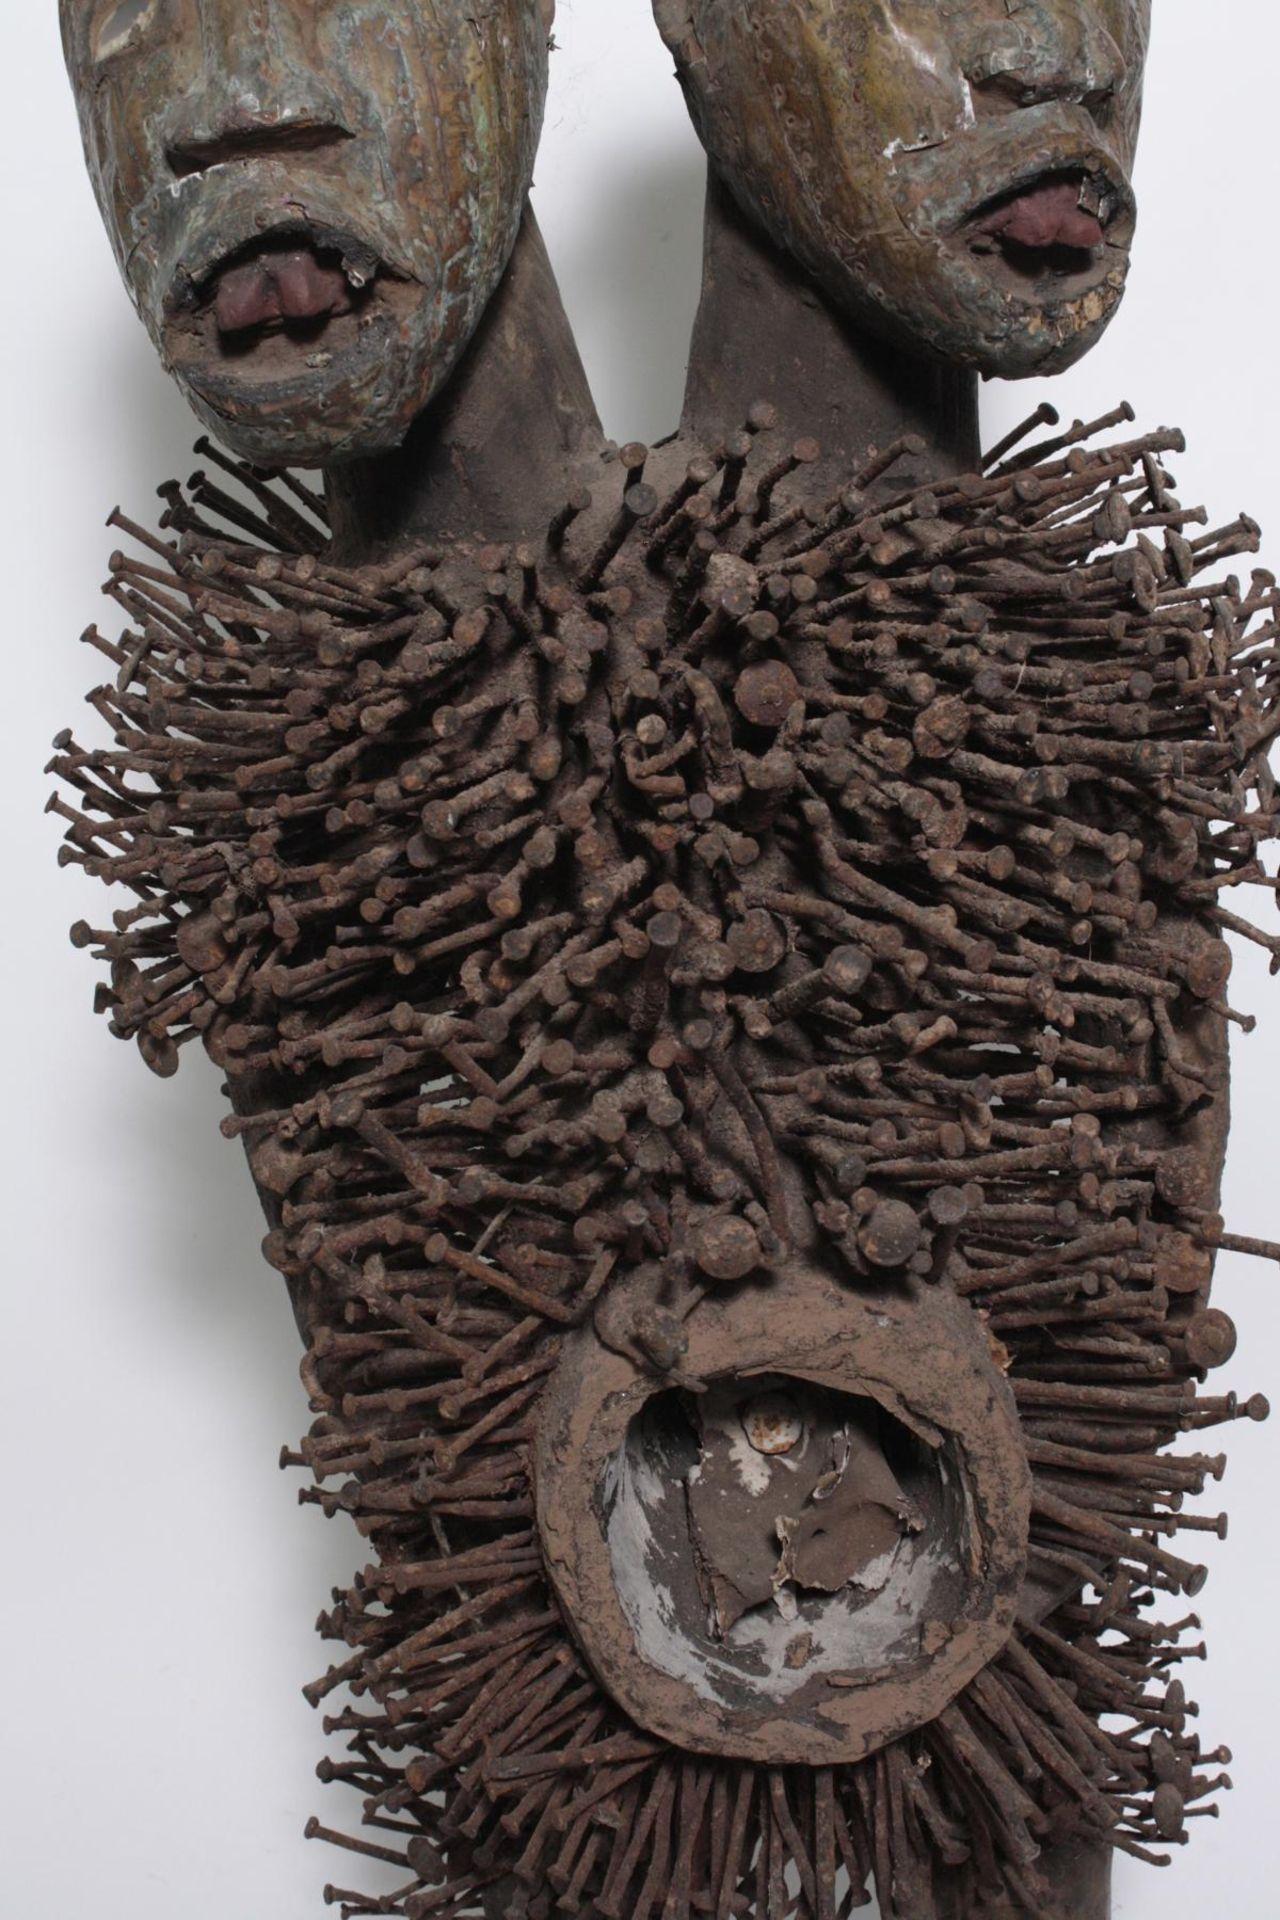 Doppelkopf-Nagelfetisch-Ritual Figur. Kongo-Yombe, Nkisi Nkondi, 1. Hälfte 20. Jh. - Bild 4 aus 9